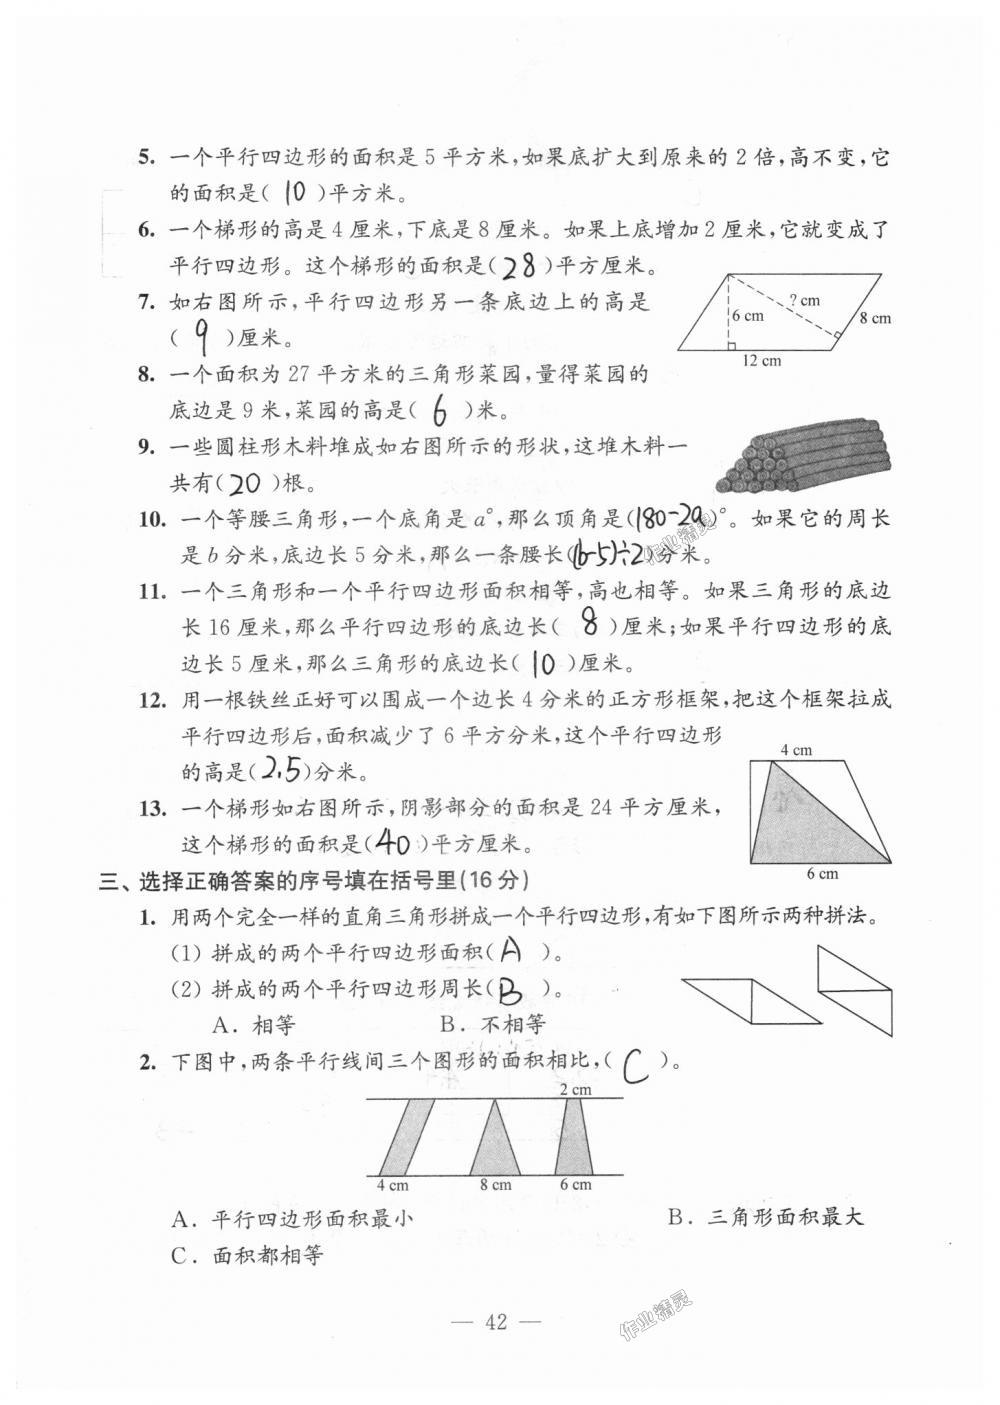 2018年练习与测试检测卷五年级数学上册苏教版第42页